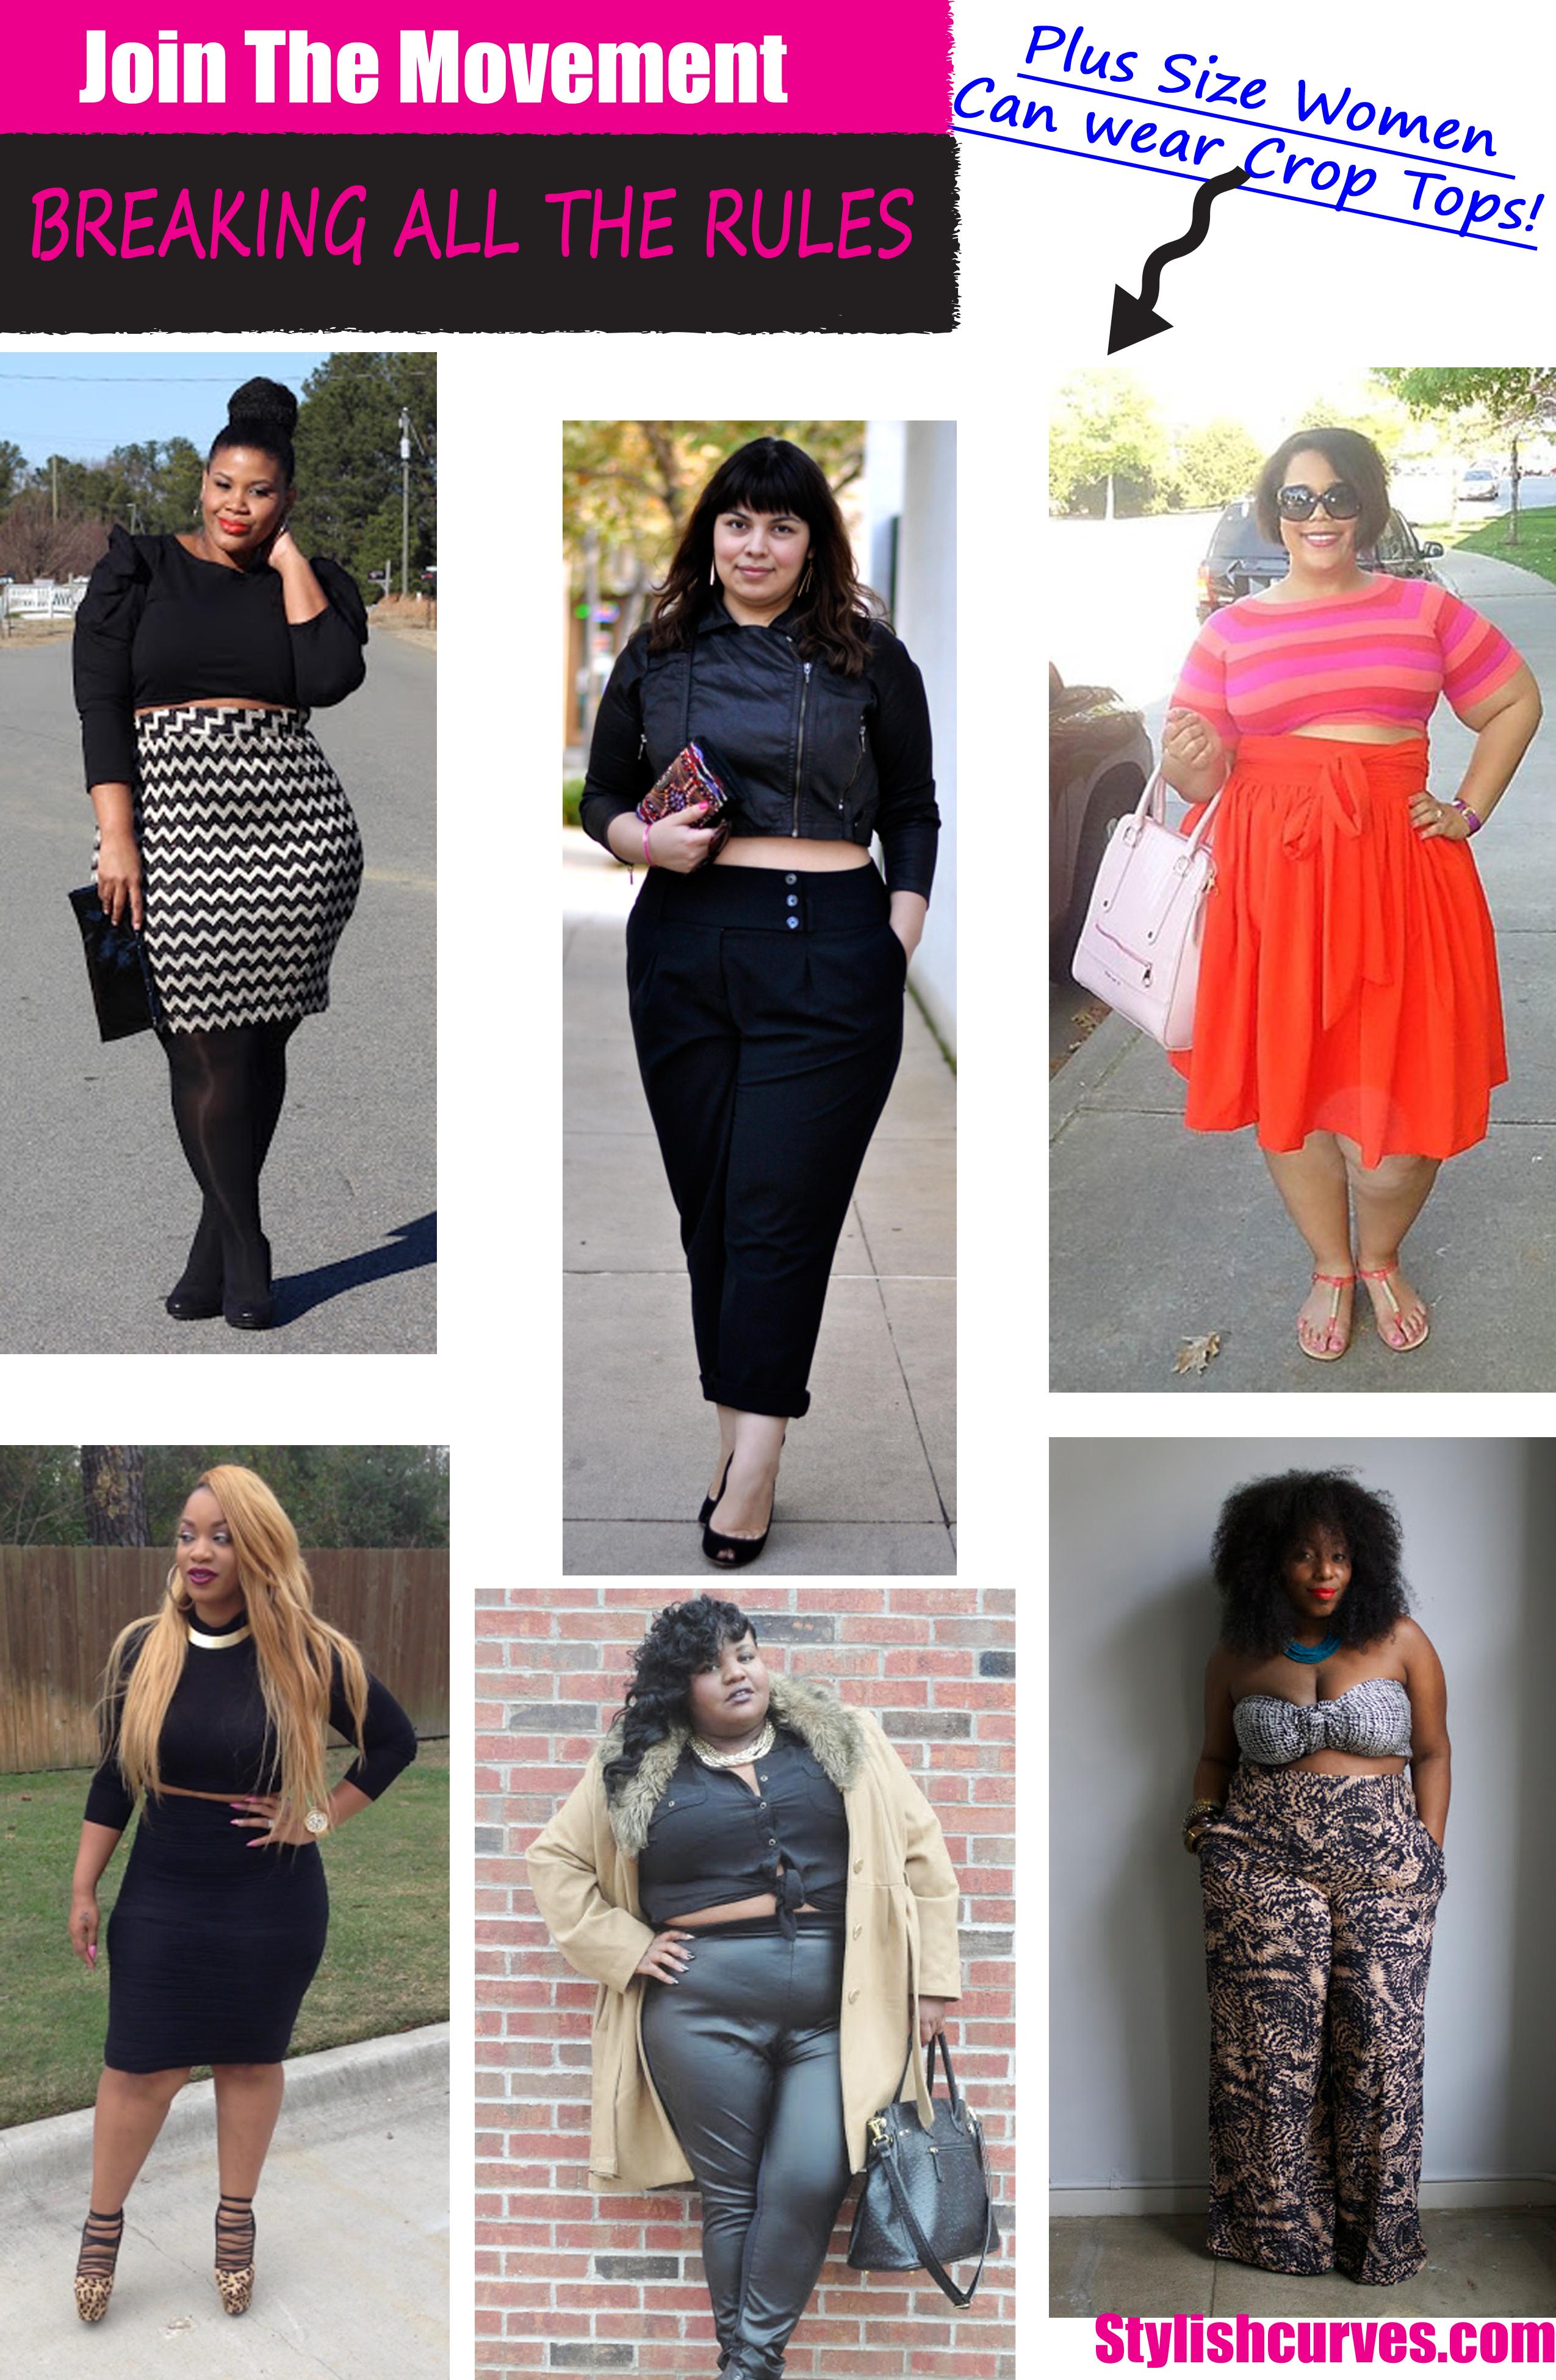 Photographs large size womens clothing - 1aled.borzii